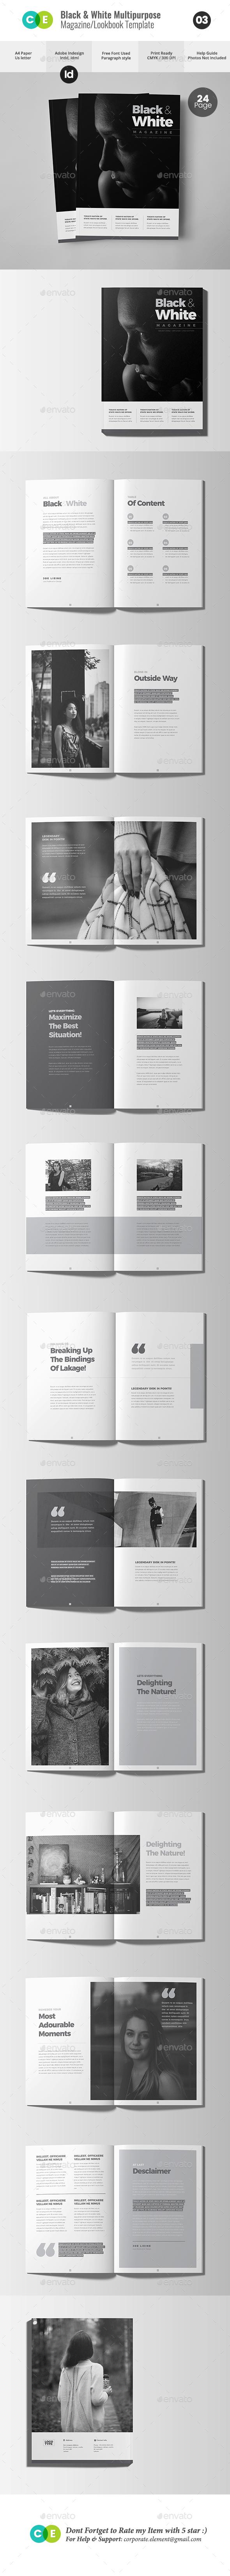 BLACK & WHITE | The Magazine Lookbook V03 - Magazines Print Templates